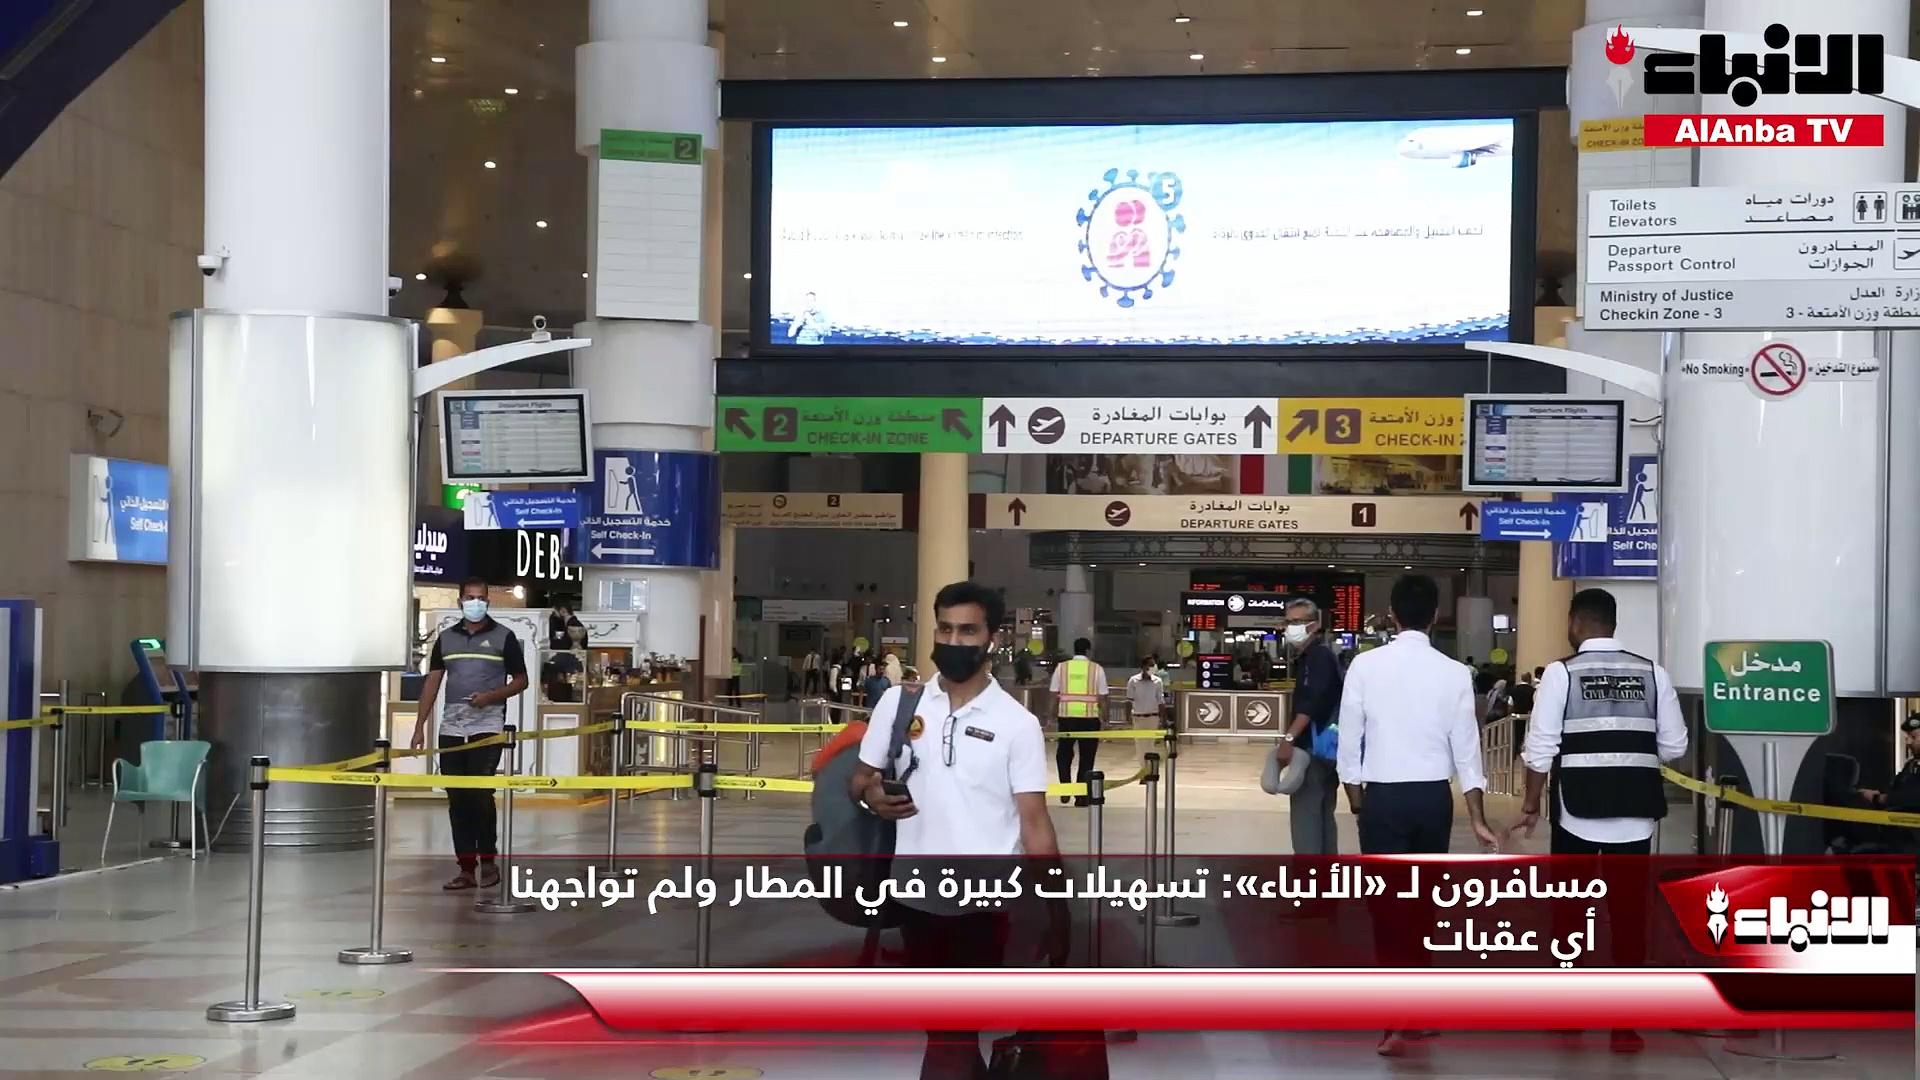 مسافرون لـ «الأنباء»: تسهيلات كبيرة في المطار.. ولم تواجهنا أي عقبات